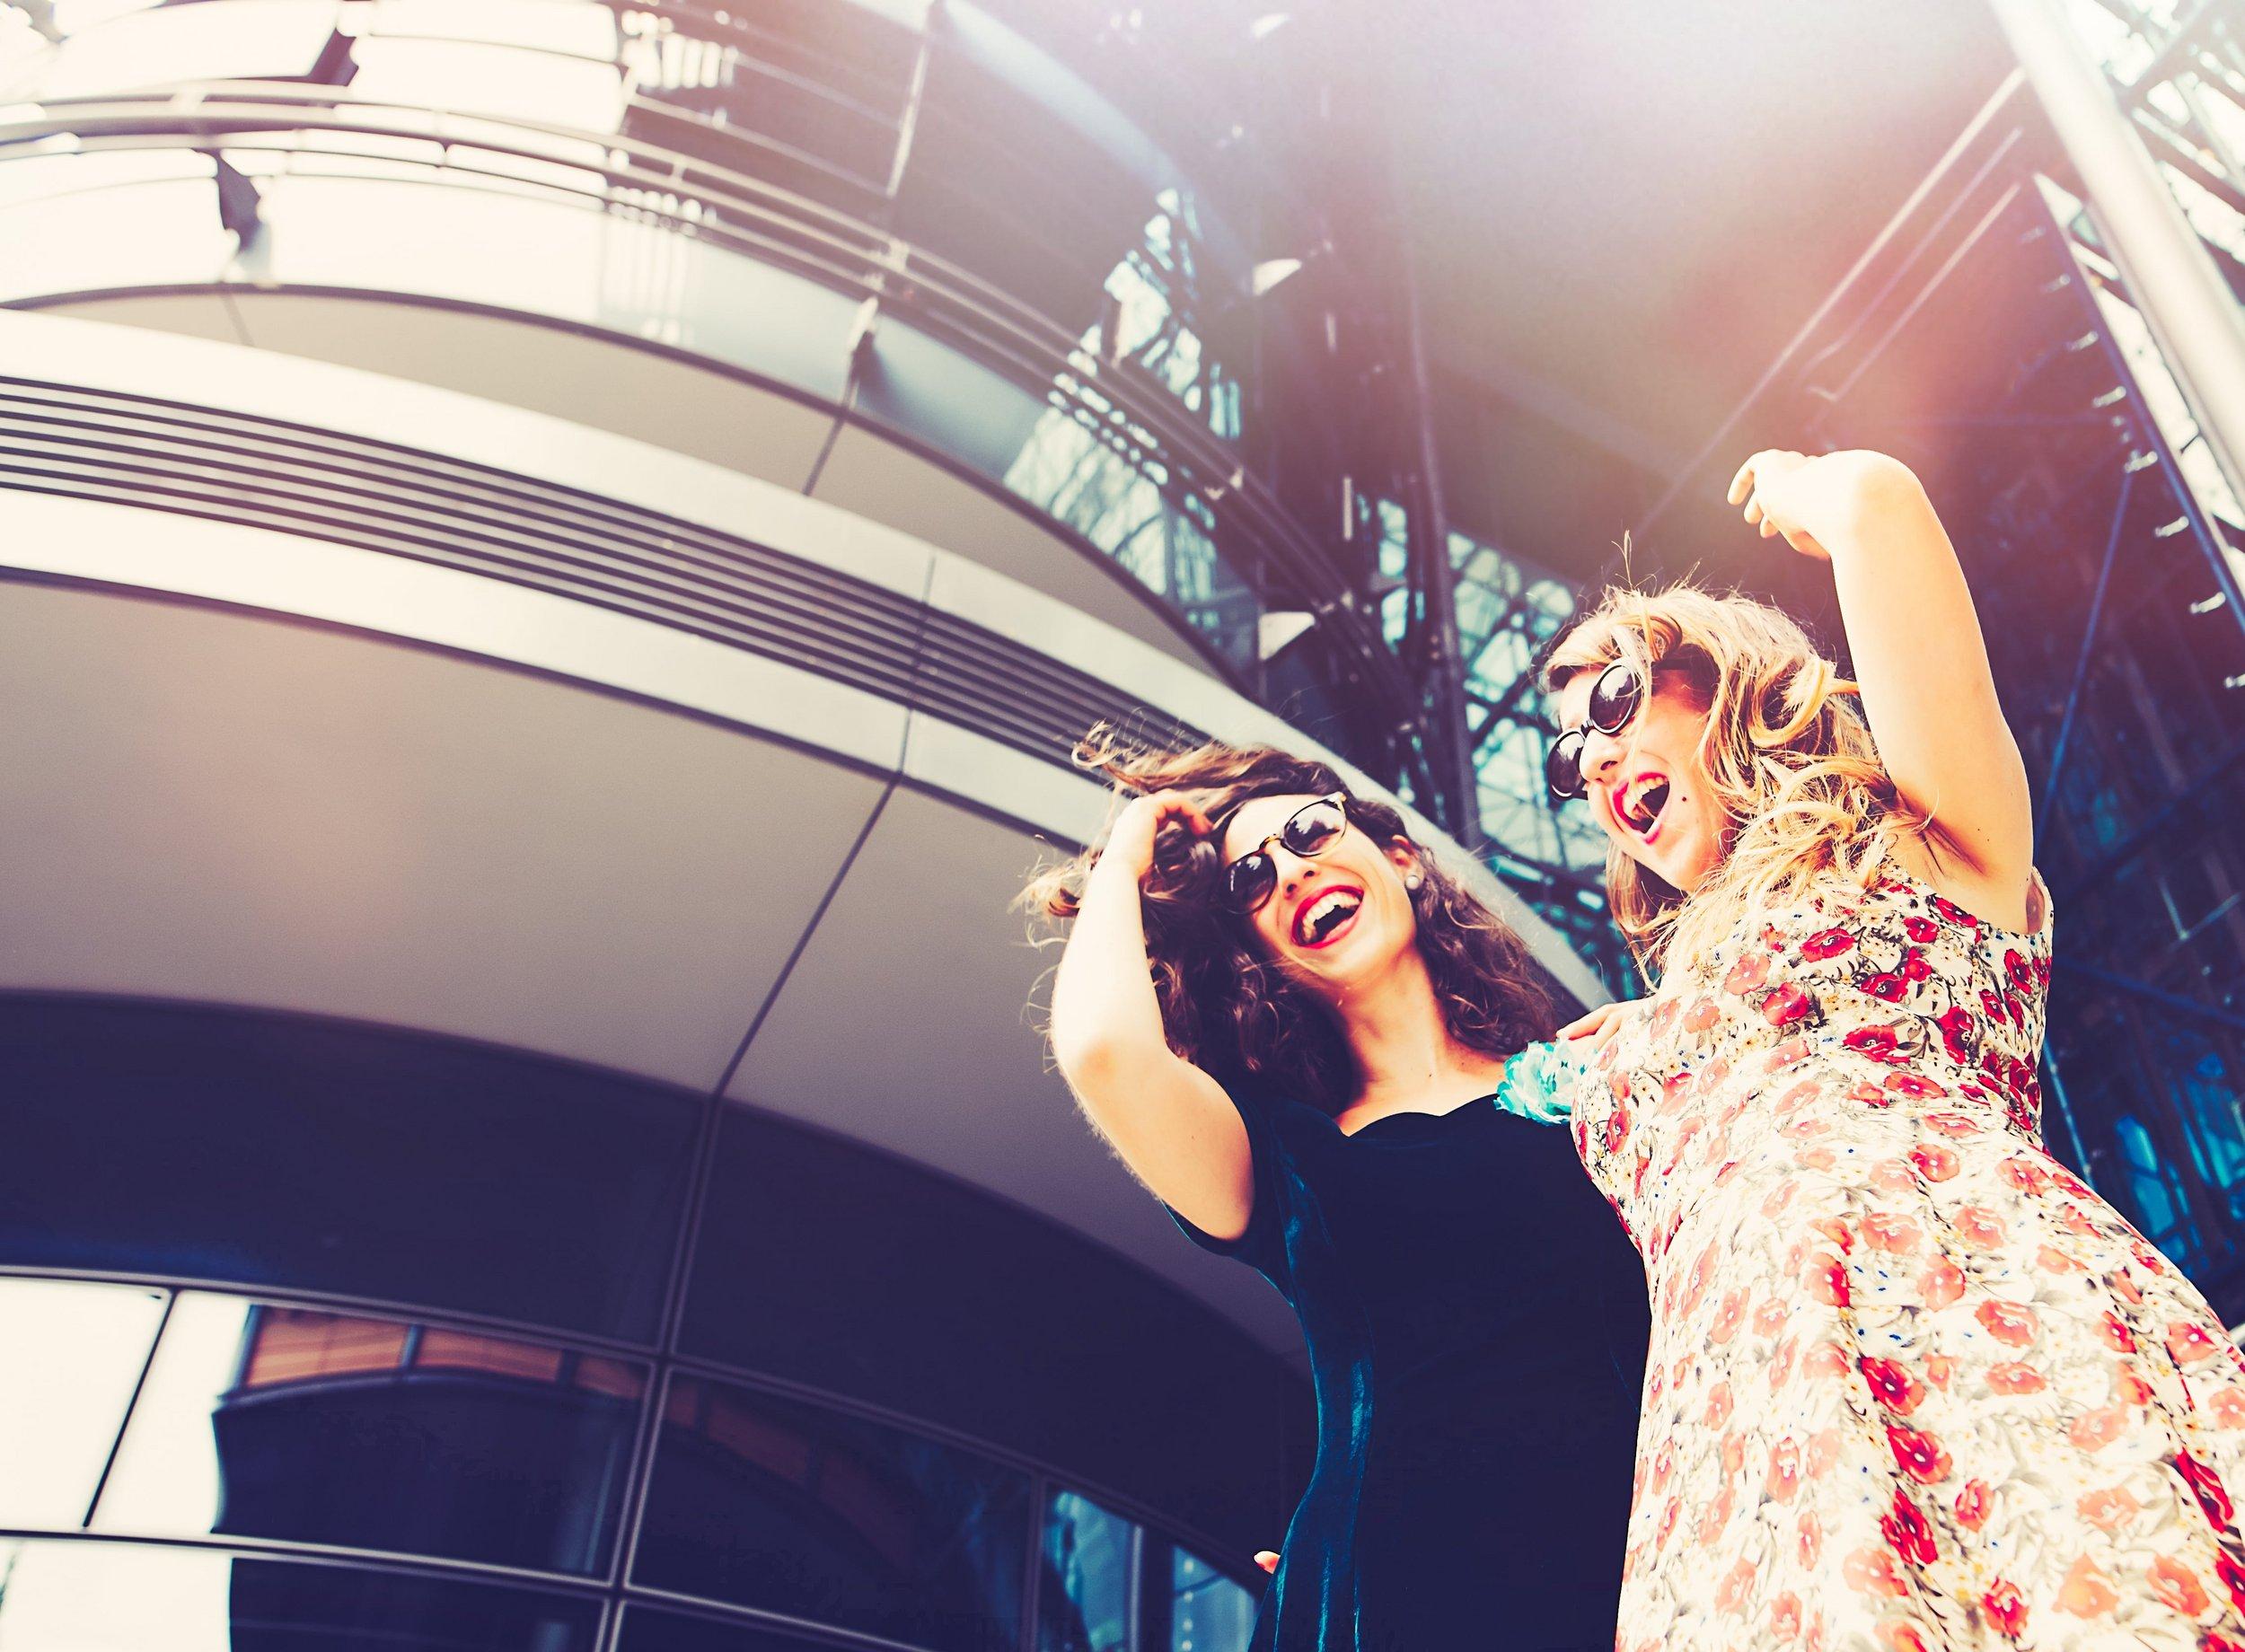 Women having fun in shopping center